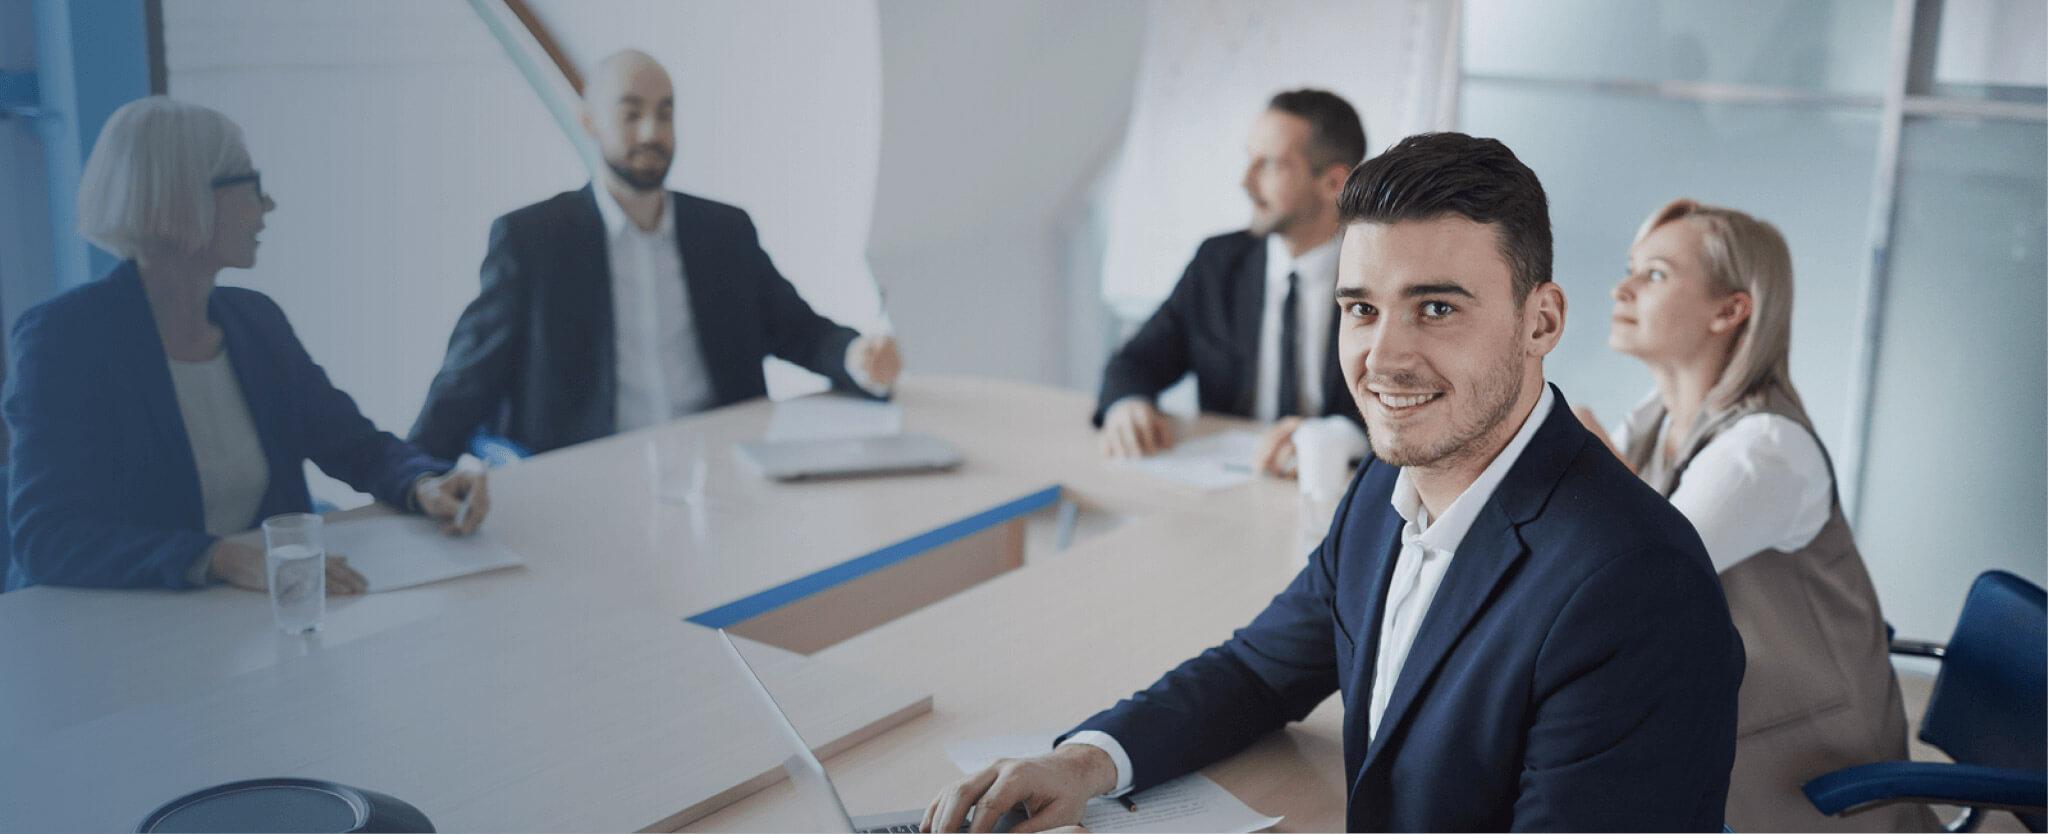 Blog FoxManager | Conteúdo relevante e dicas para a gestão do seu negócio